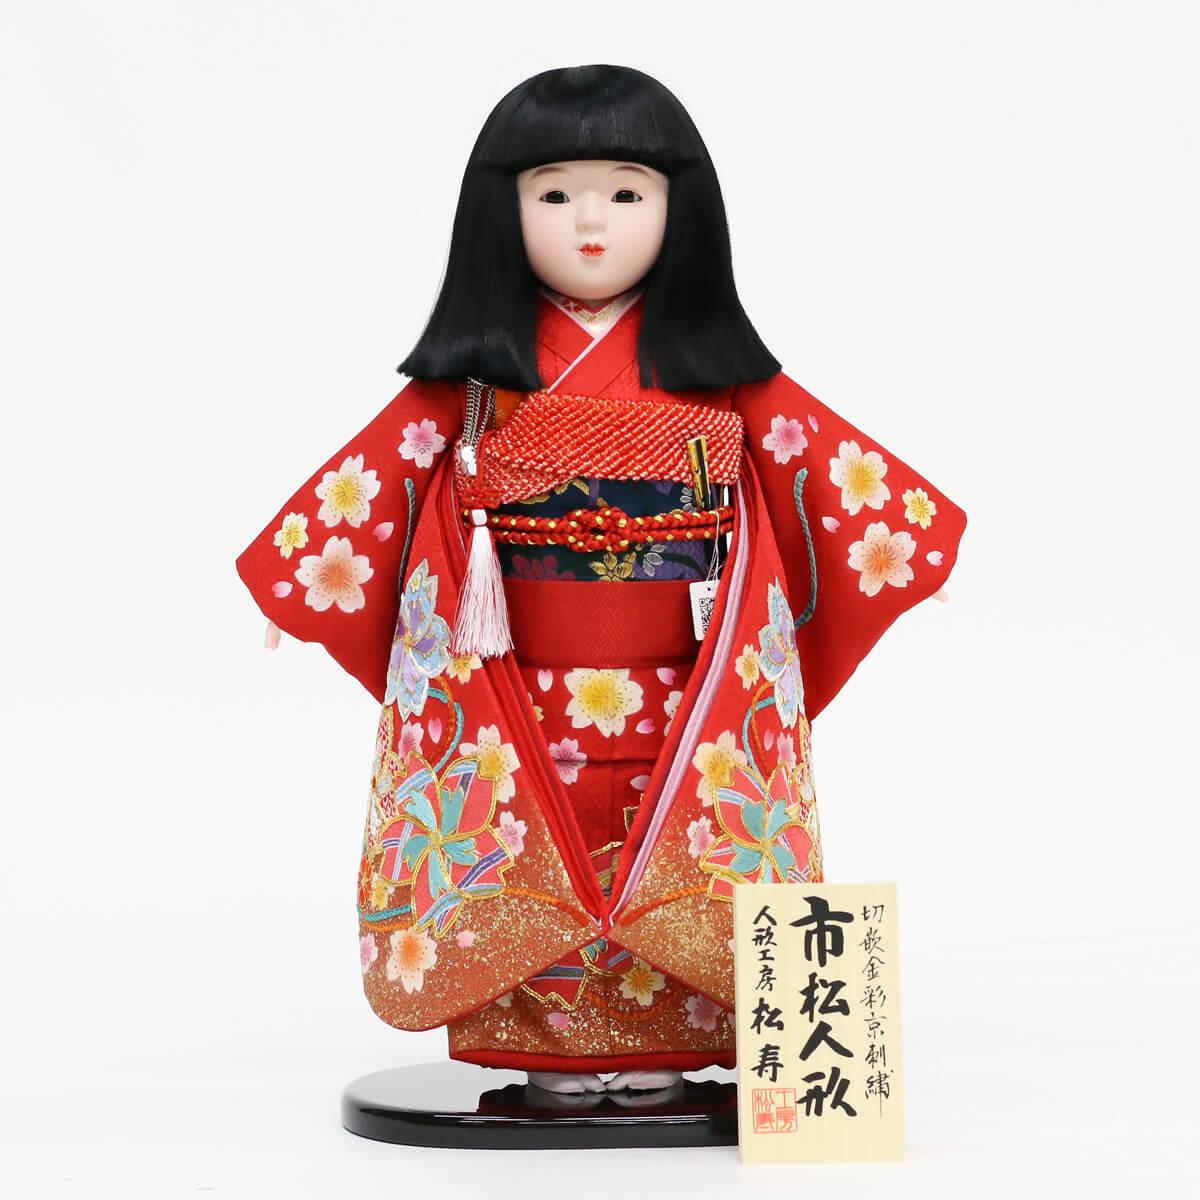 雛人形 松寿 市松人形 松寿作 市松人形 切嵌金彩京刺繍 桜 市松 ICMY-BM23640-11ひな人形 かわいい おしゃれ インテリア